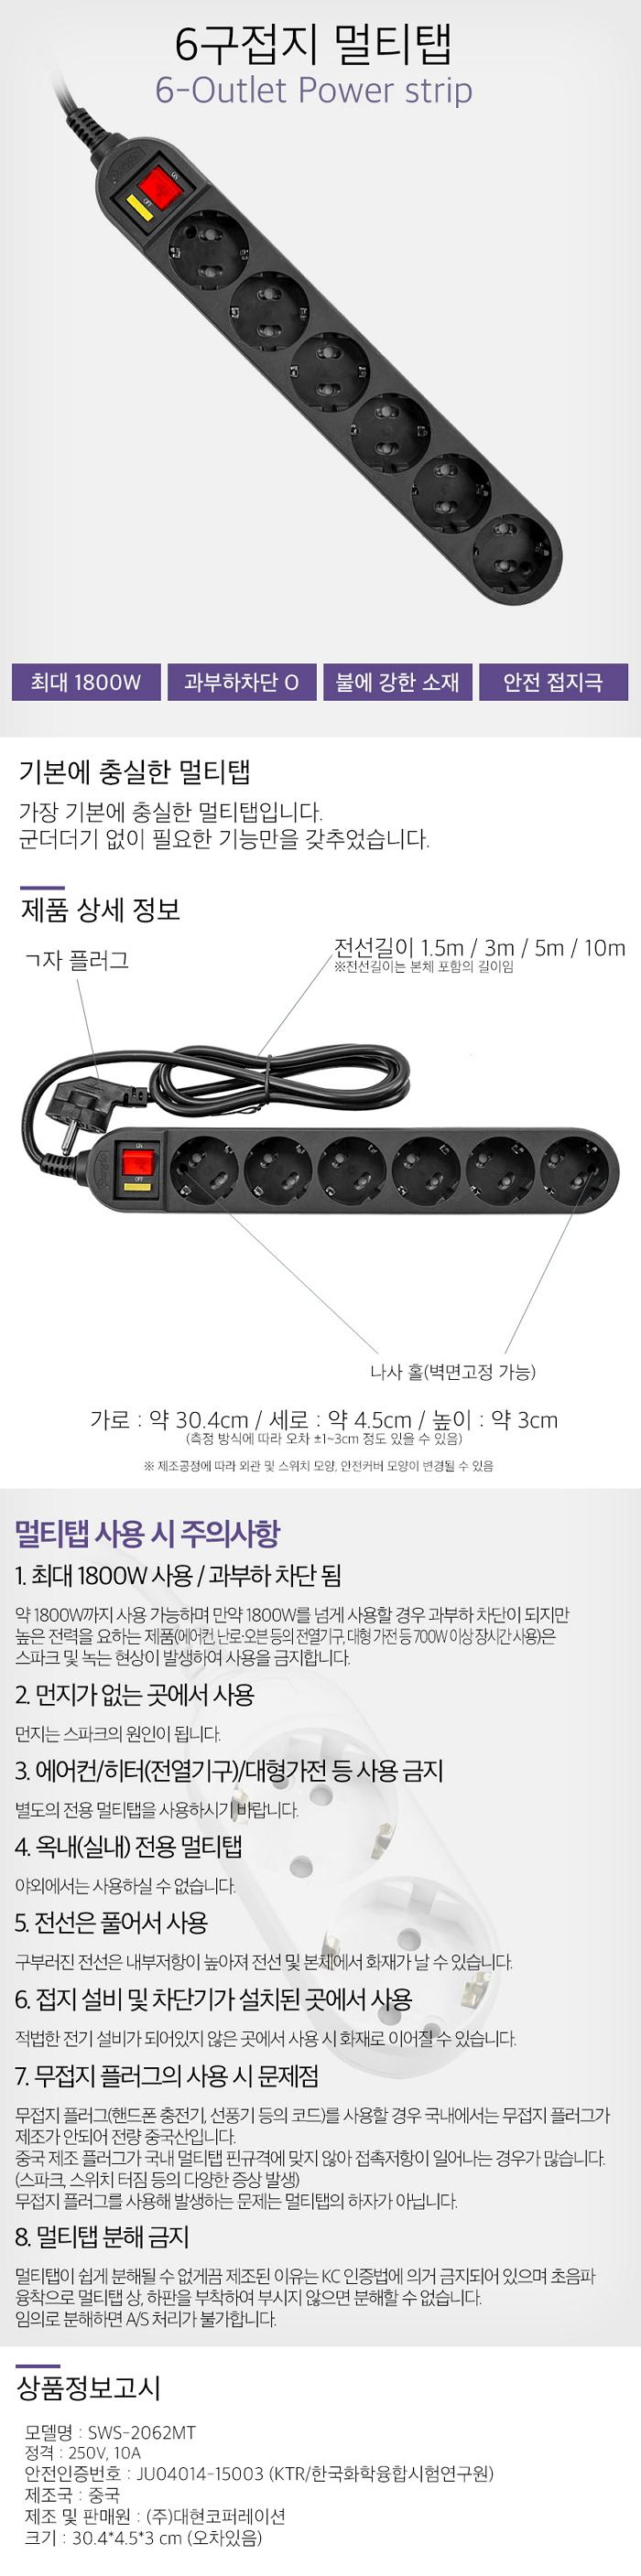 대현코퍼레이션 써지오 6구 10A 블랙 멀티탭 (1.5m)